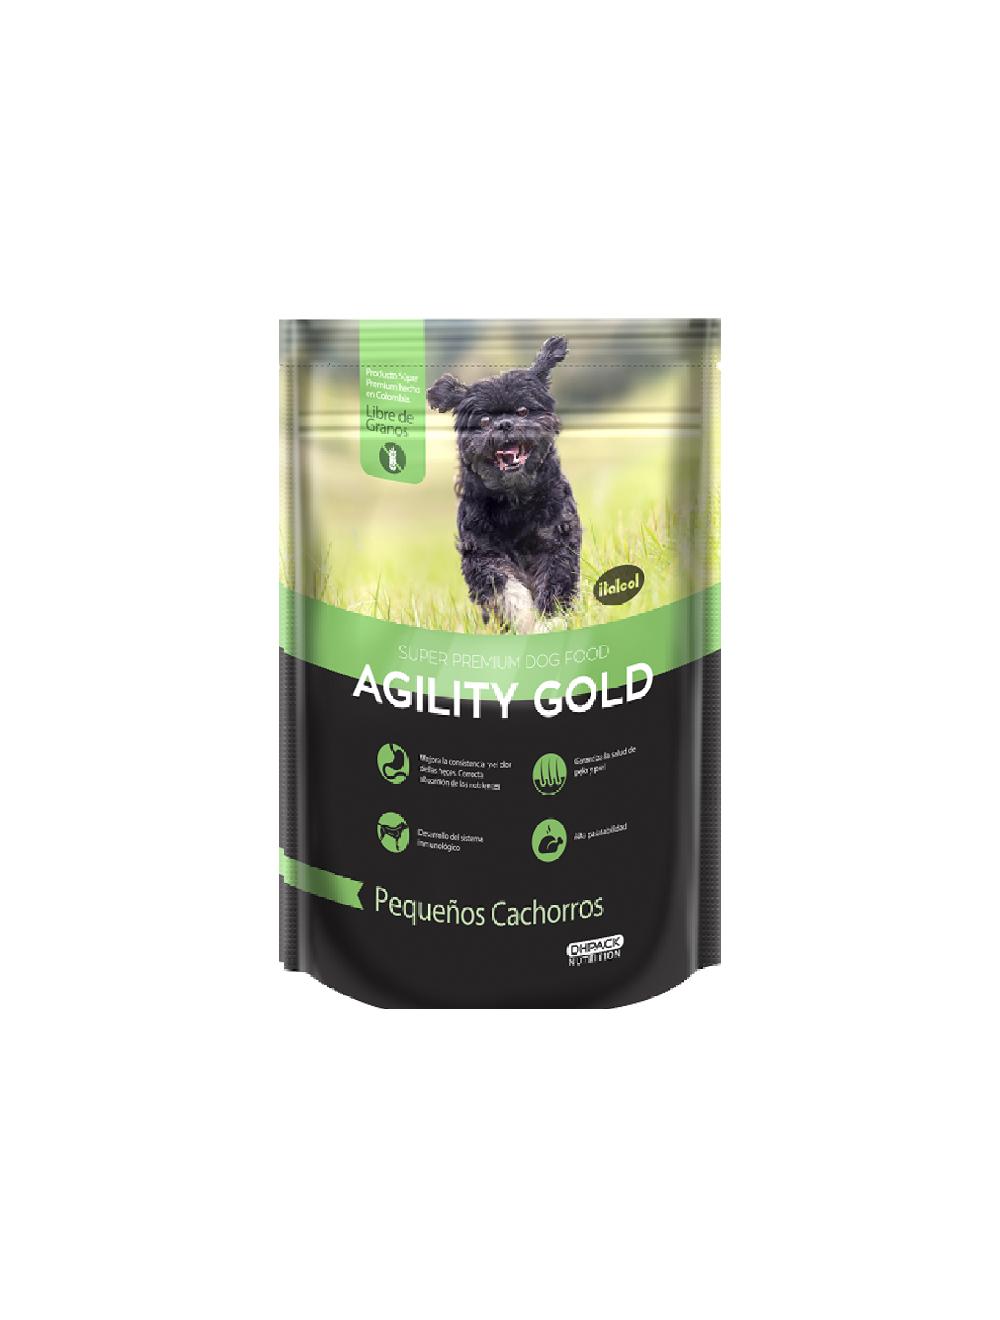 Agility Gold Pequeños Cachorros - Ciudaddemascotas.com